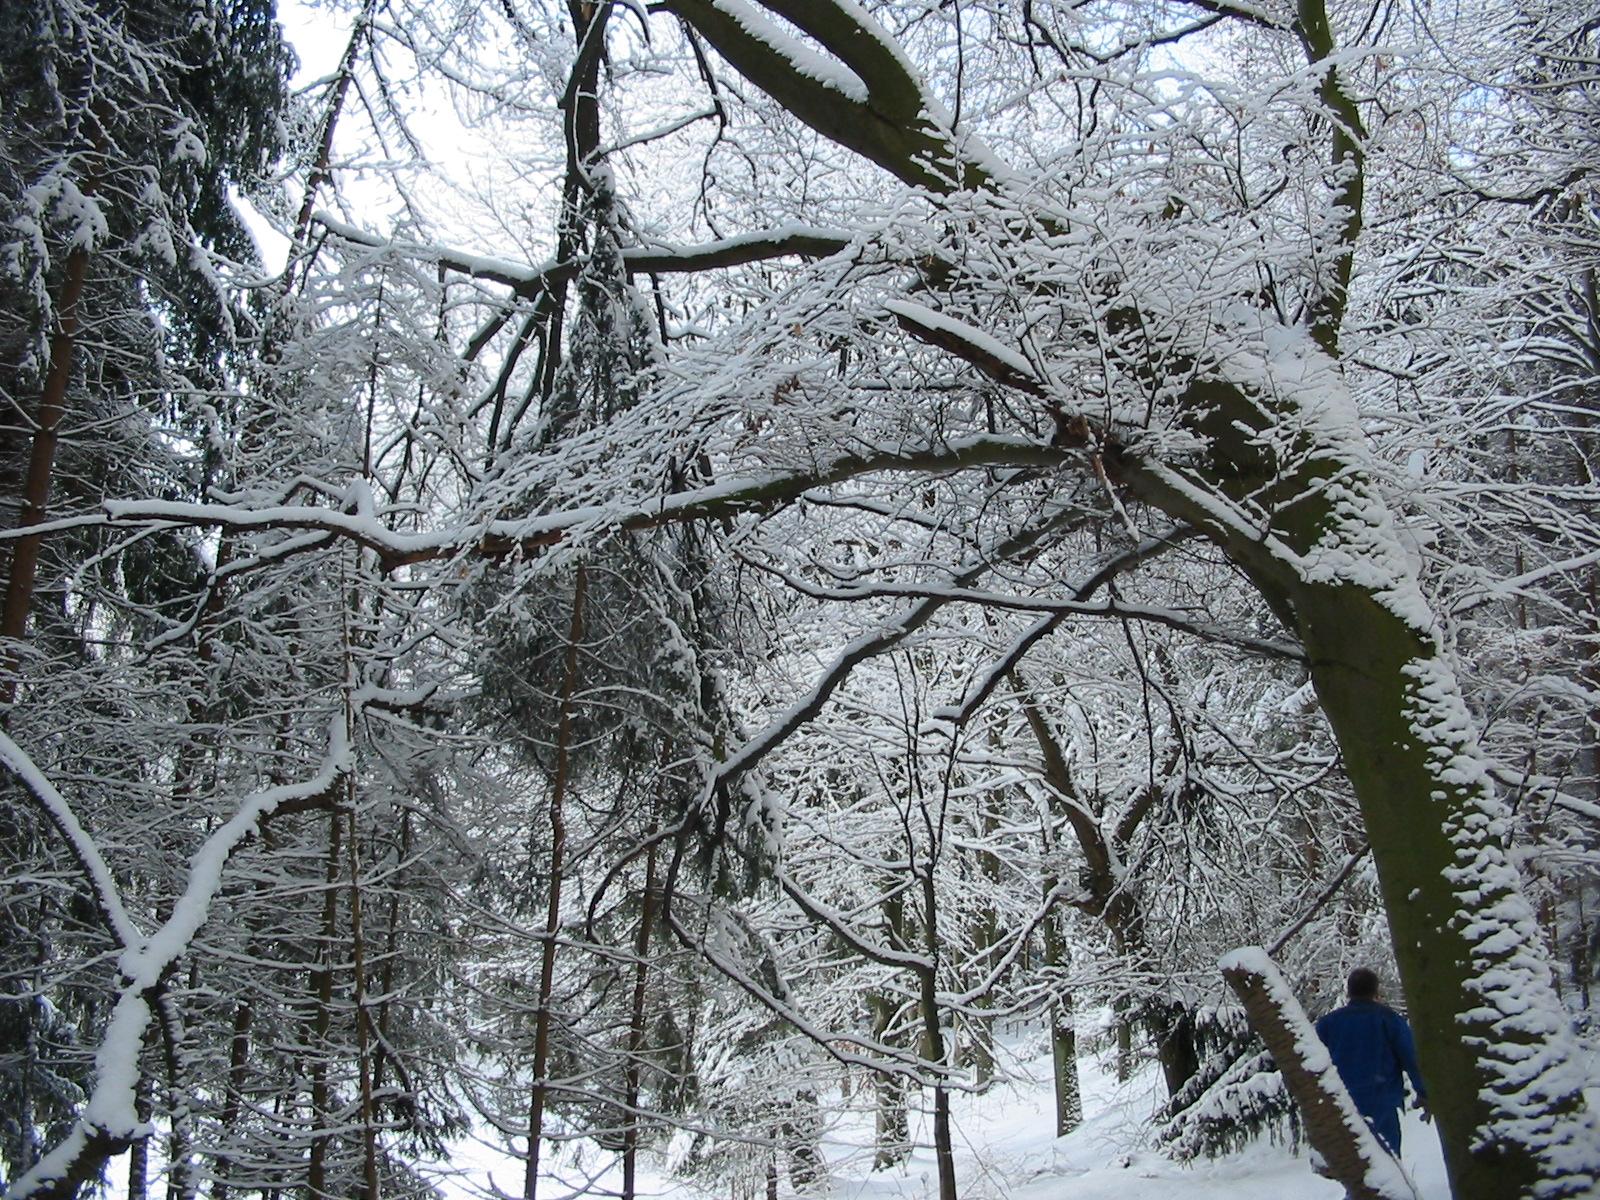 Unter den Schneelasten der letzten Wochen drohen Äste abzubrechen oder gar ganze Bäume umzustürzen. Foto: SVLFG